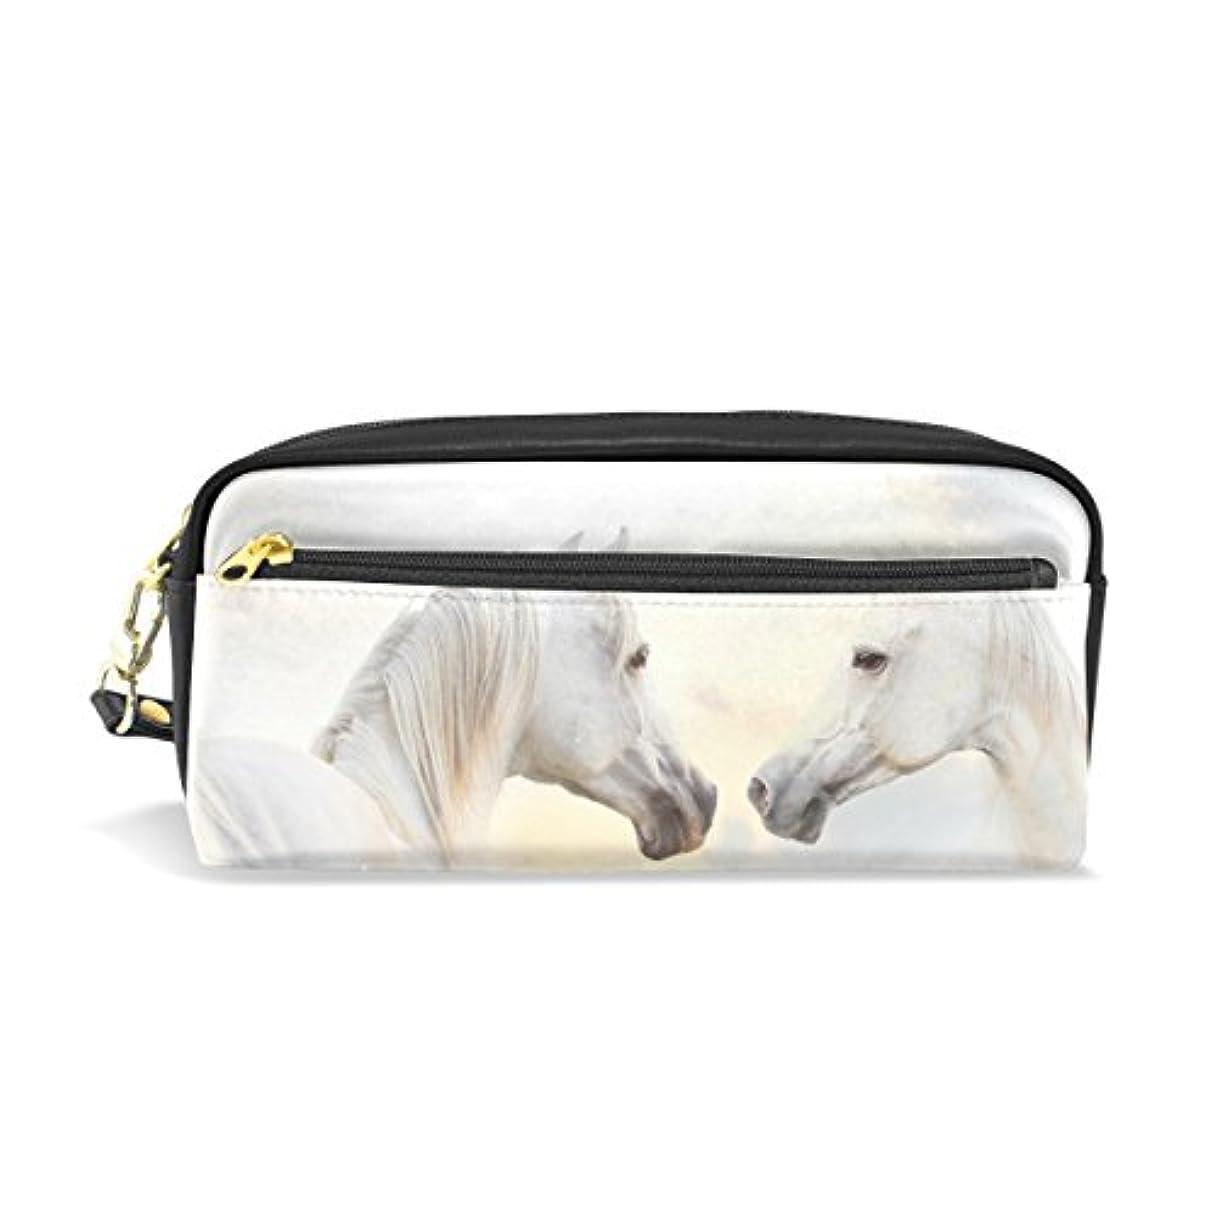 可塑性排他的生産的AOMOKI ペンケース ペンポーチ おしゃれ かわいい 大容量 高校生 シンプル ボックス 筆箱 筆入れ 文具 学生用 ペンバッグ 化粧バッグ